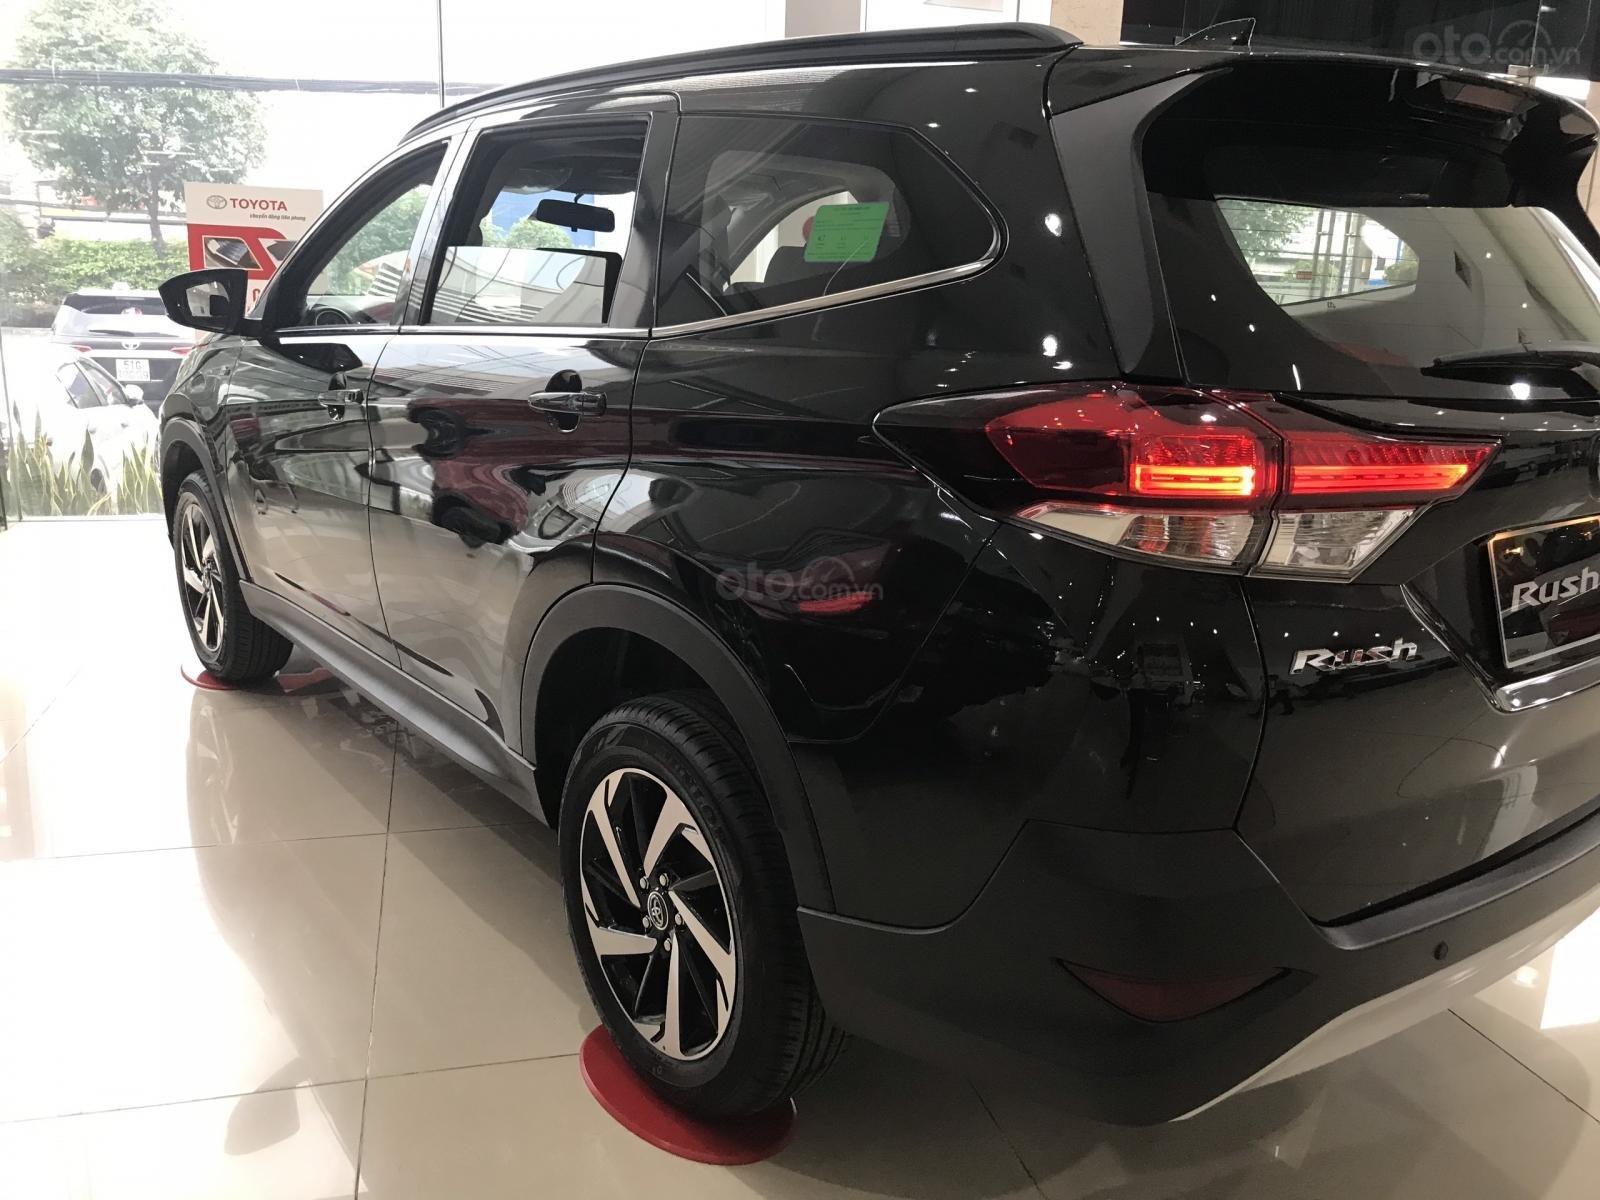 Toyota Rush nhập khẩu nguyên chiếc, khuyến mãi khủng tháng 9/2020, xe đủ màu giao ngay (15)